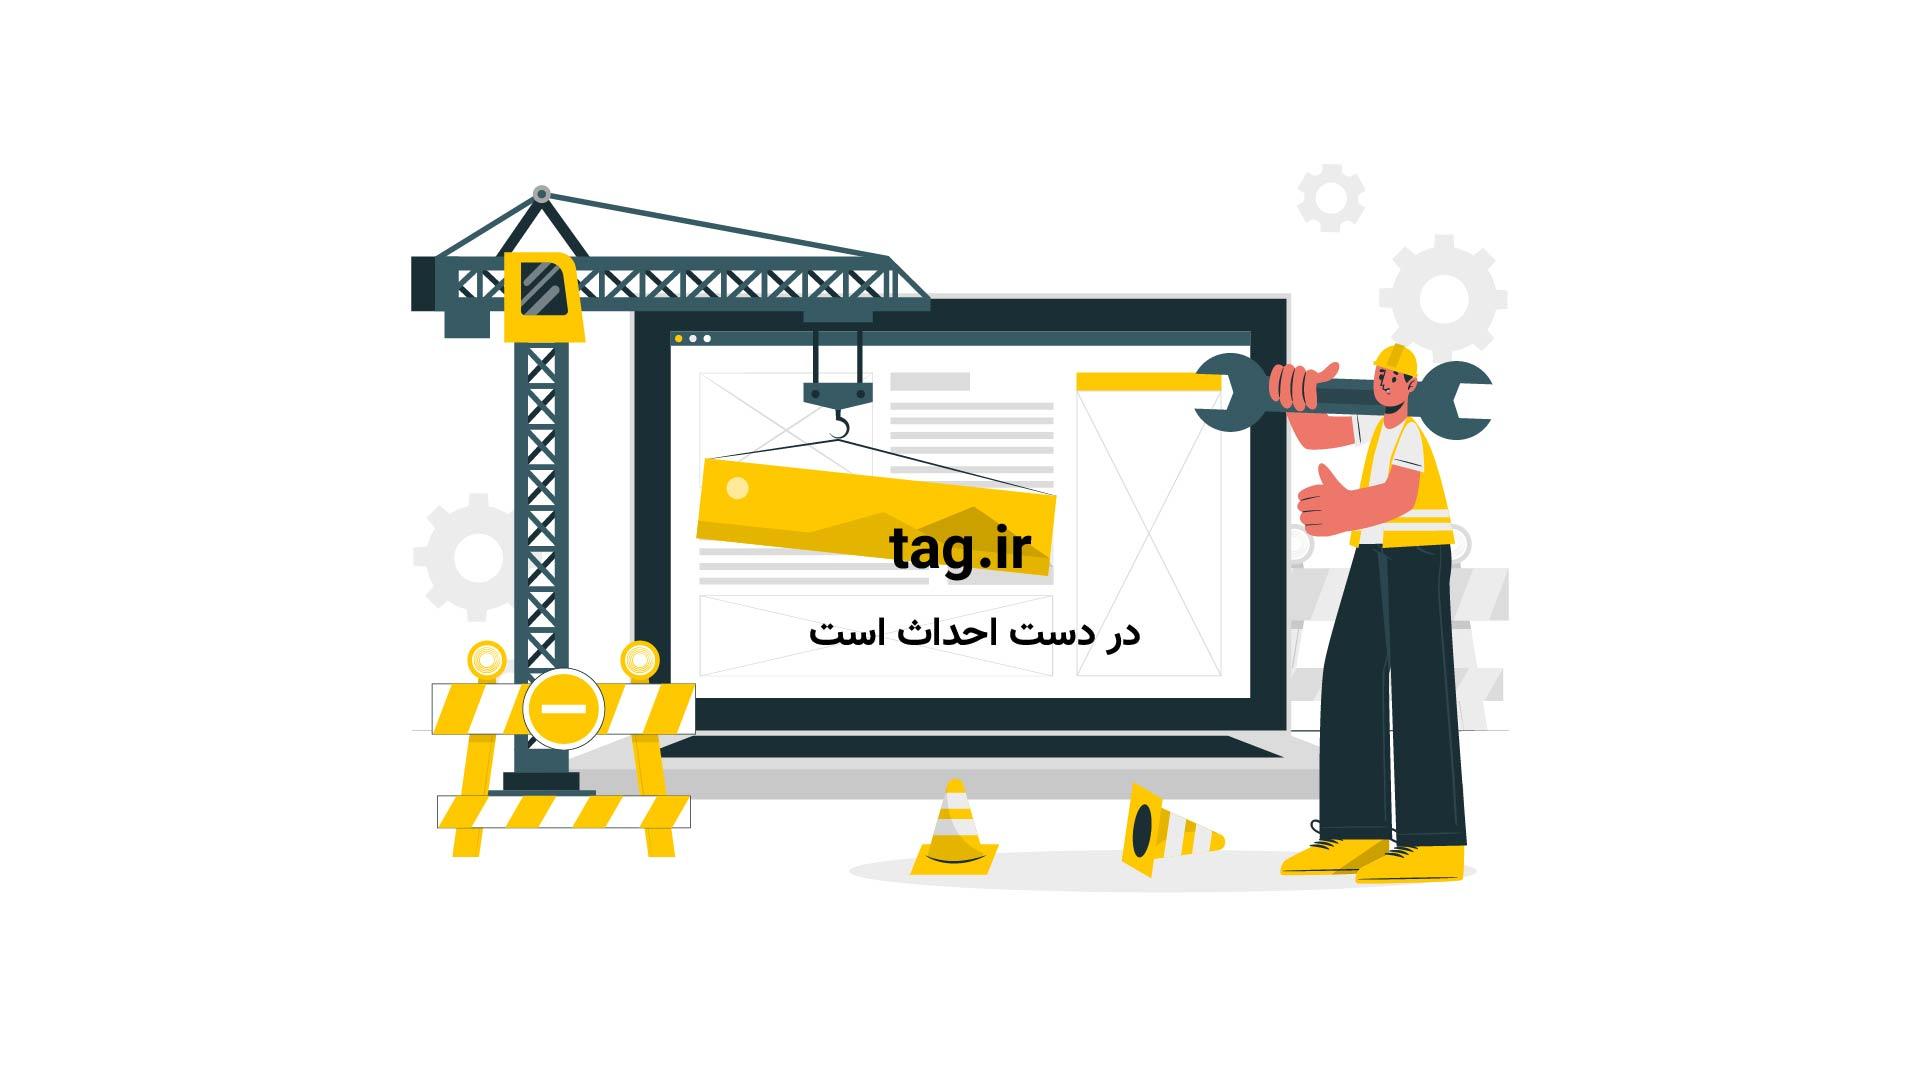 صحنههایی دیدنی از مرغ عشقهای وحشی جنگل آمازون|تگ